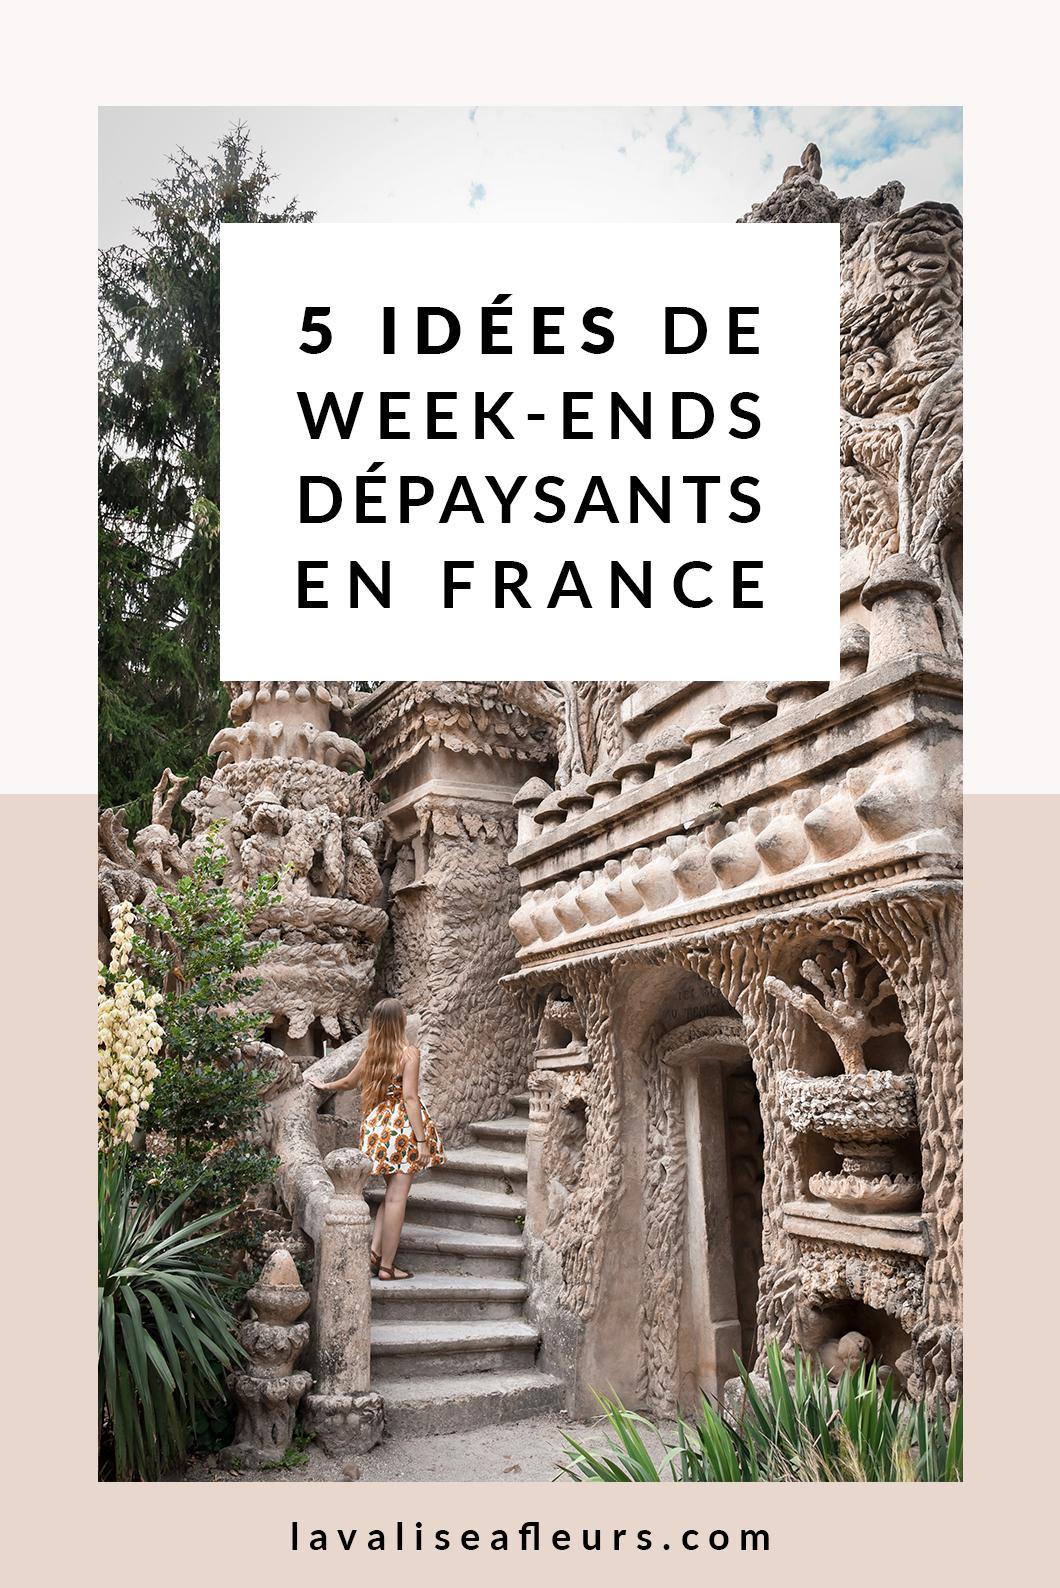 5 idées de week ends dépaysants en France